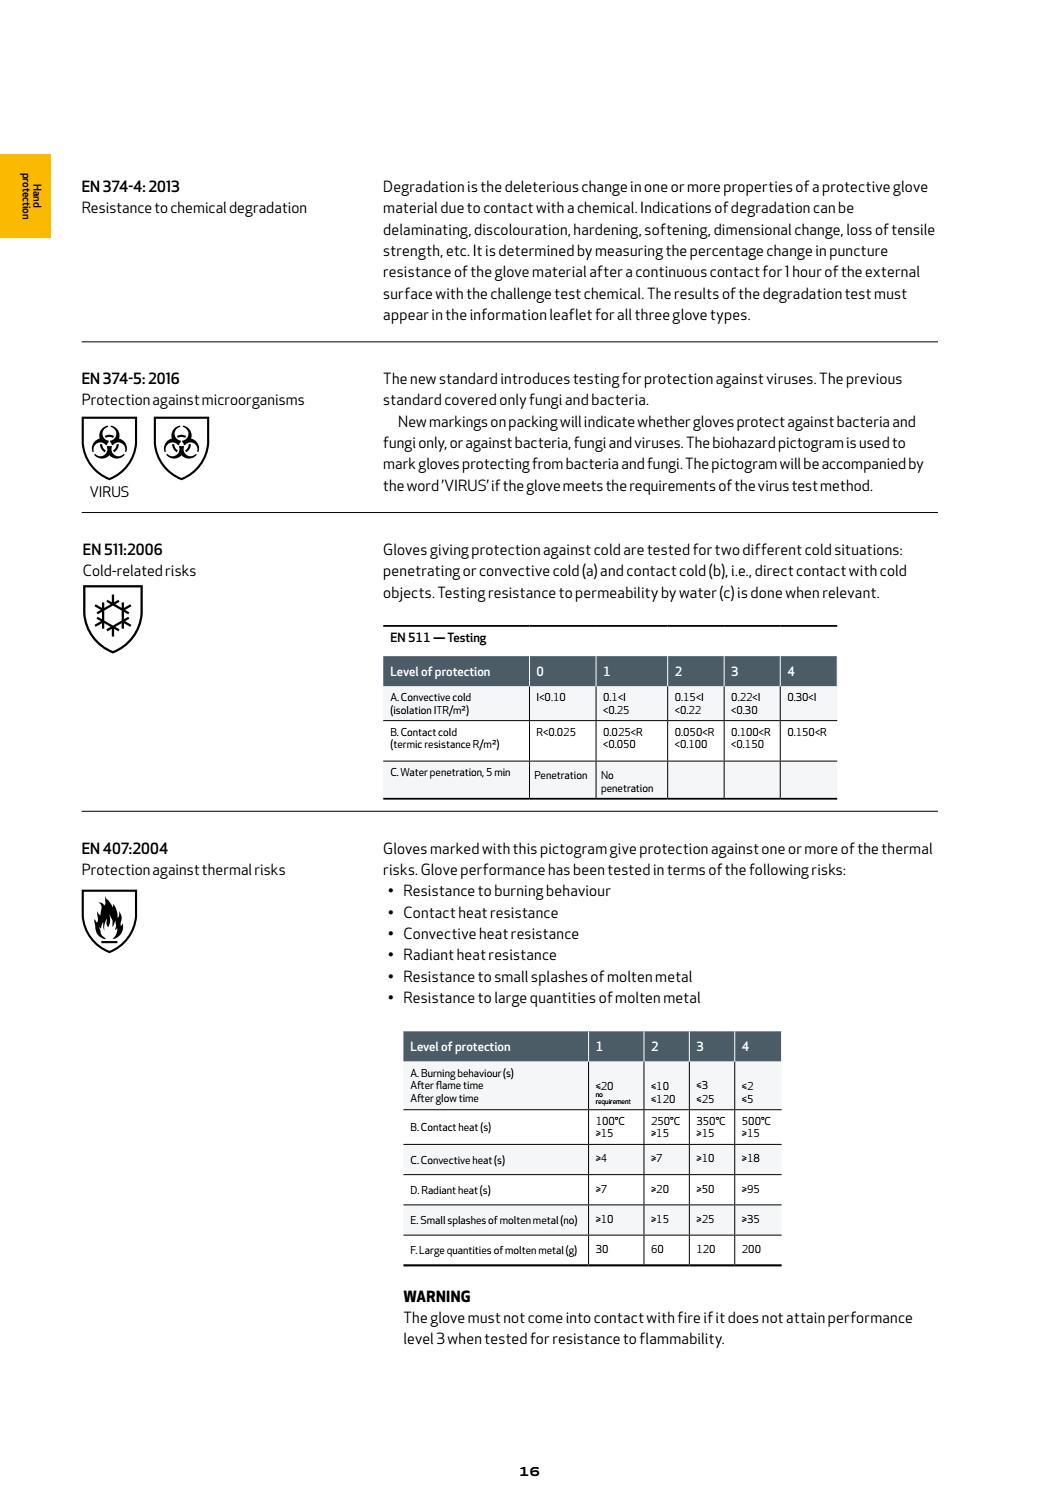 Ejendals Main Catalogue 2020 EN page 16